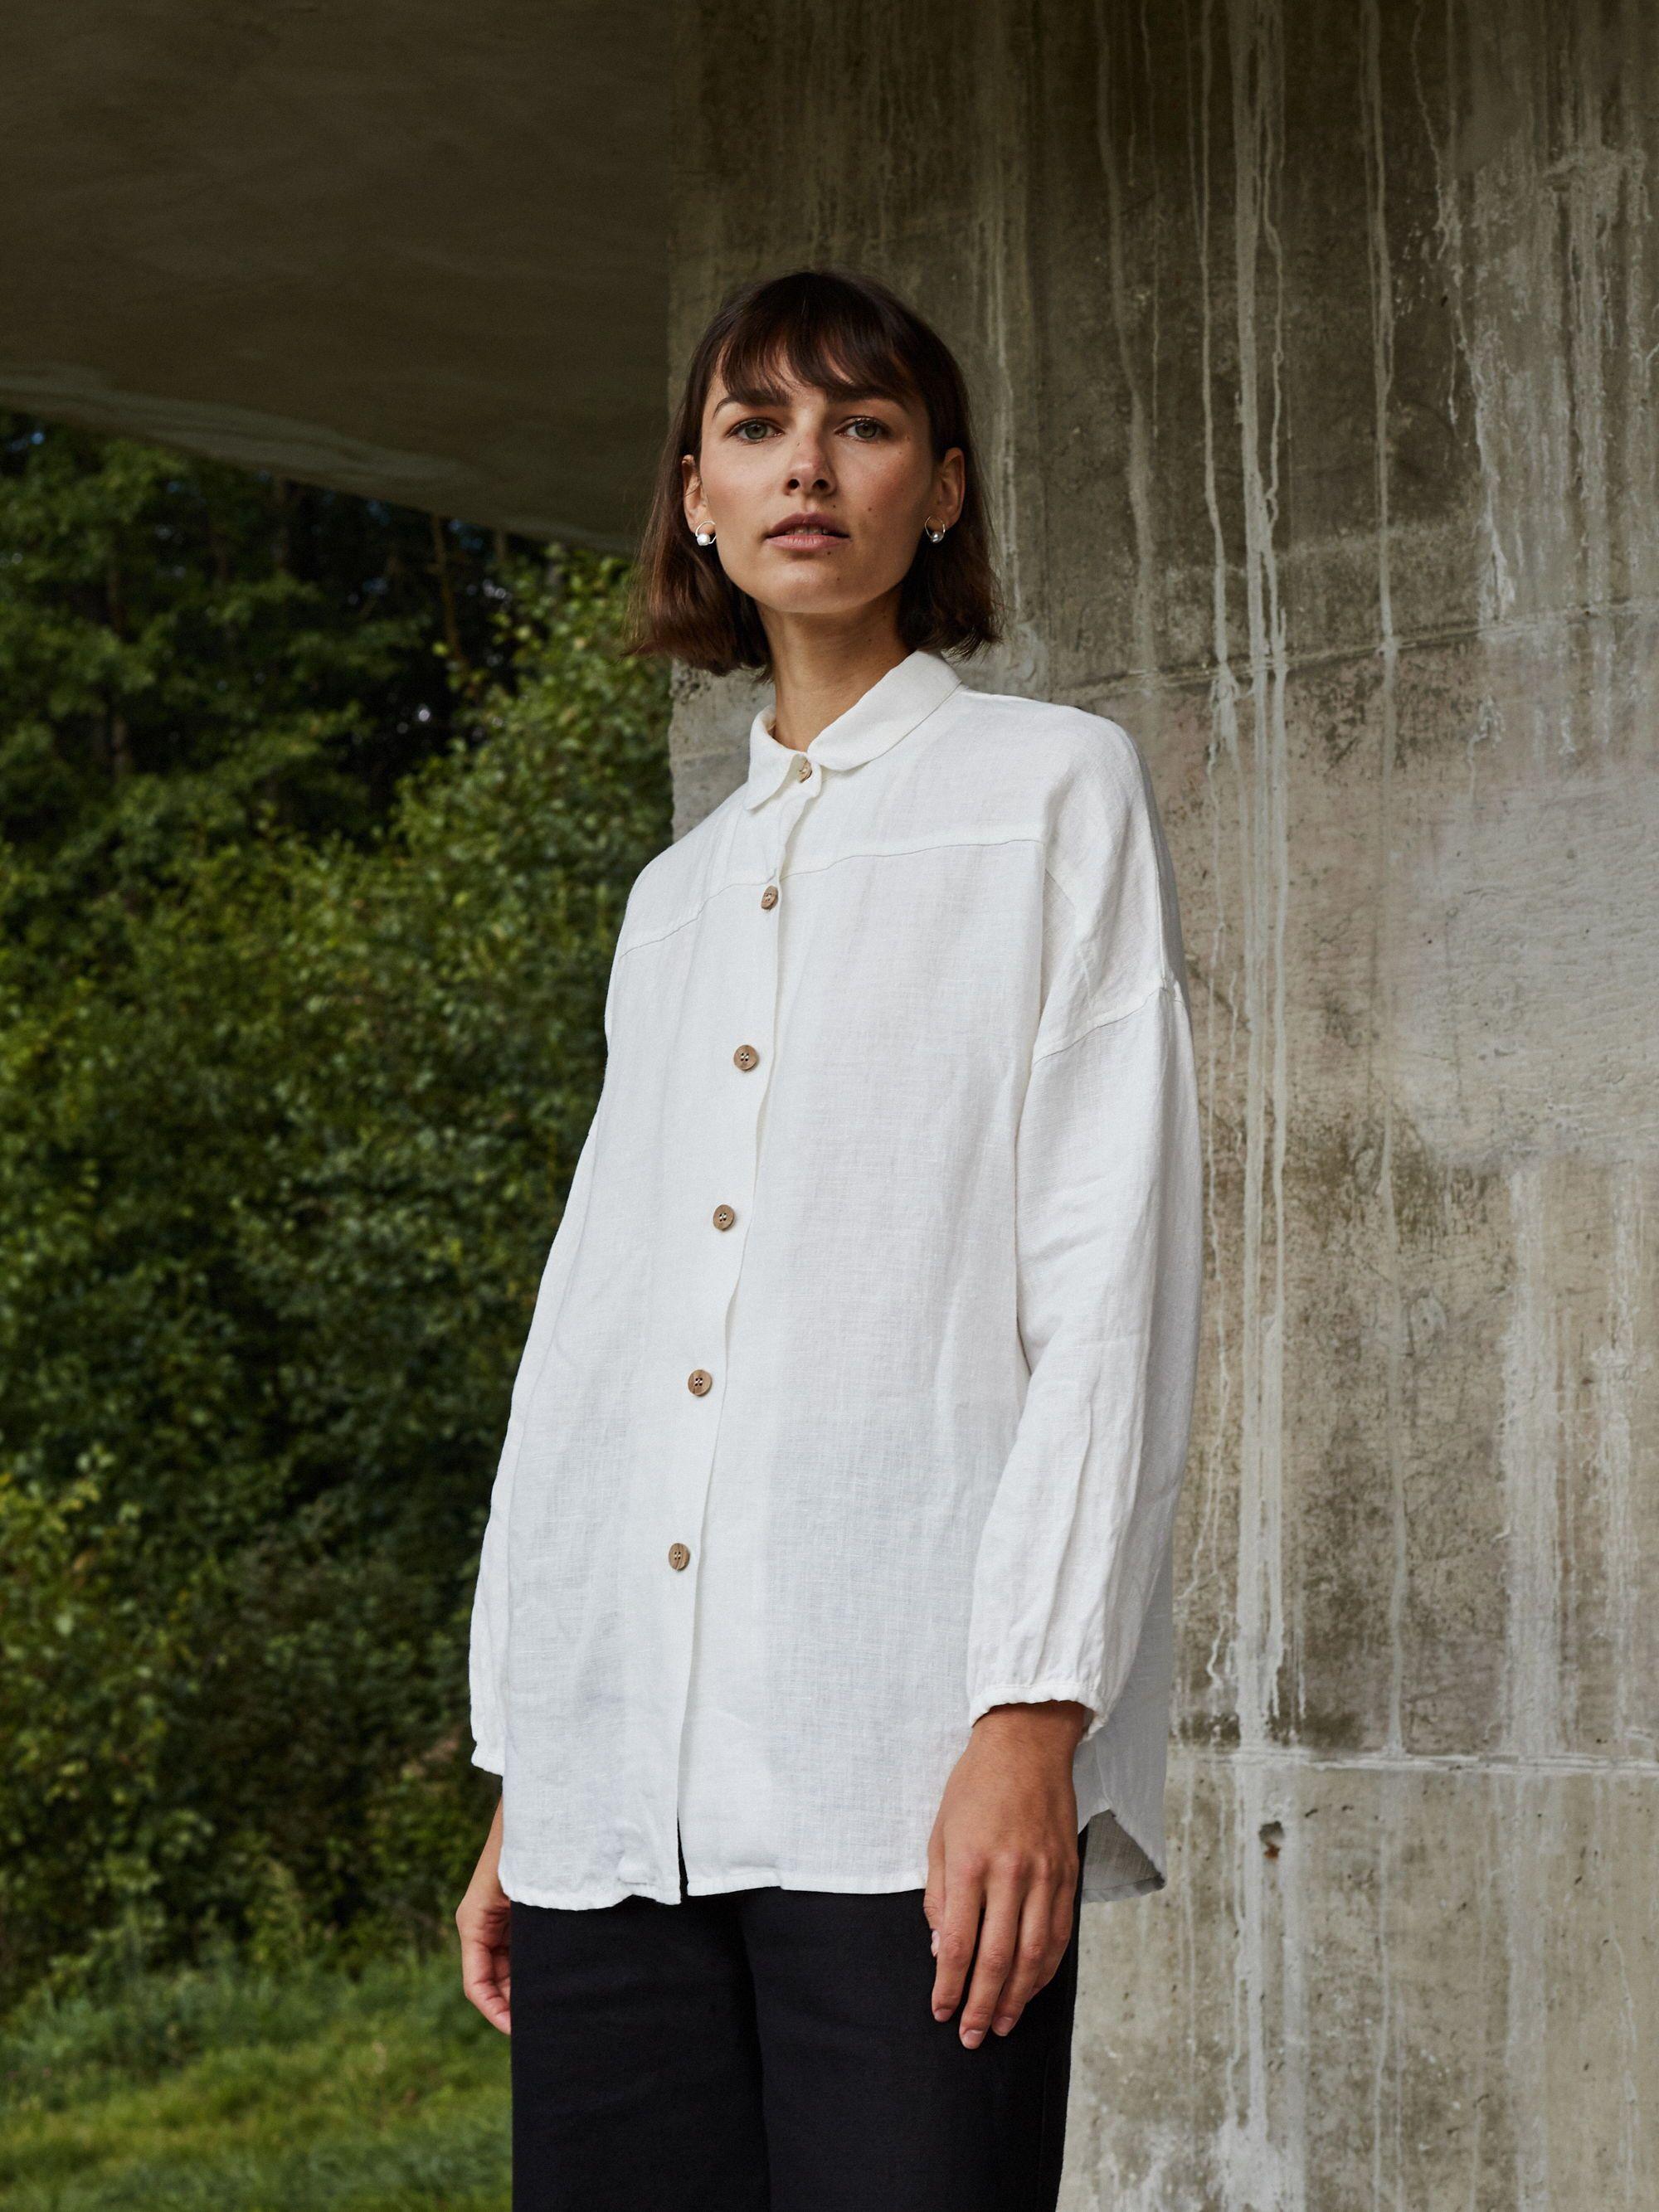 Linenfox Linen Shirts Women White Linen Shirts Women Oversized Linen Shirt [ 2667 x 2000 Pixel ]